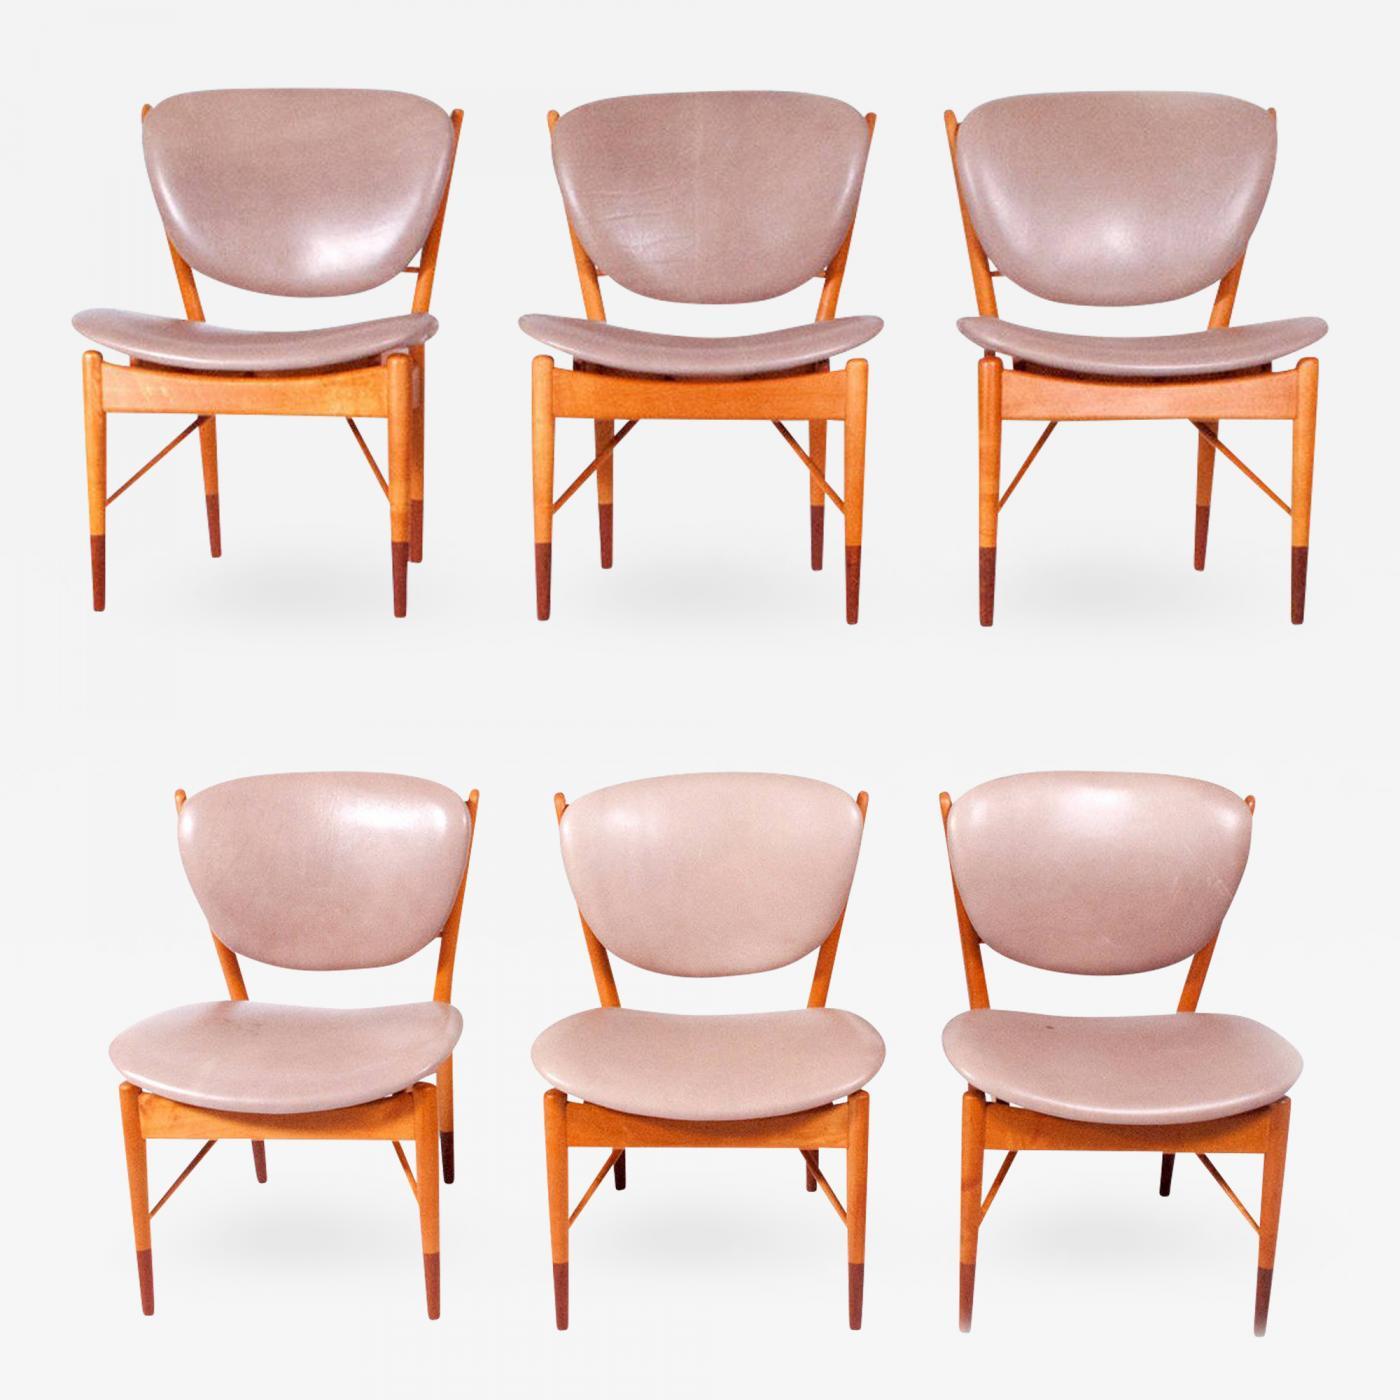 Awe Inspiring Finn Juhl Set Of Six Finn Juhl Nv 51 For Baker Dining Chairs Evergreenethics Interior Chair Design Evergreenethicsorg